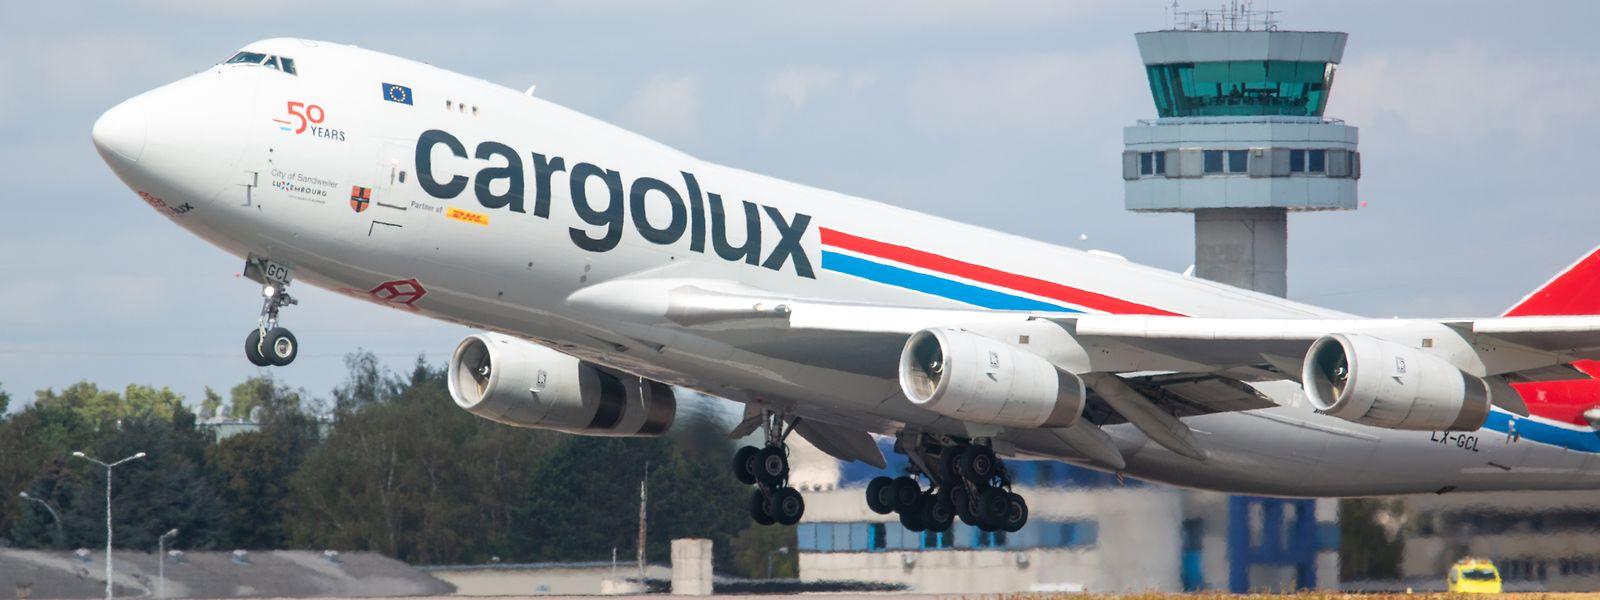 Cargolux transportierte zu Beginn der Pandemie viel Corona-Schutzausrüstung.